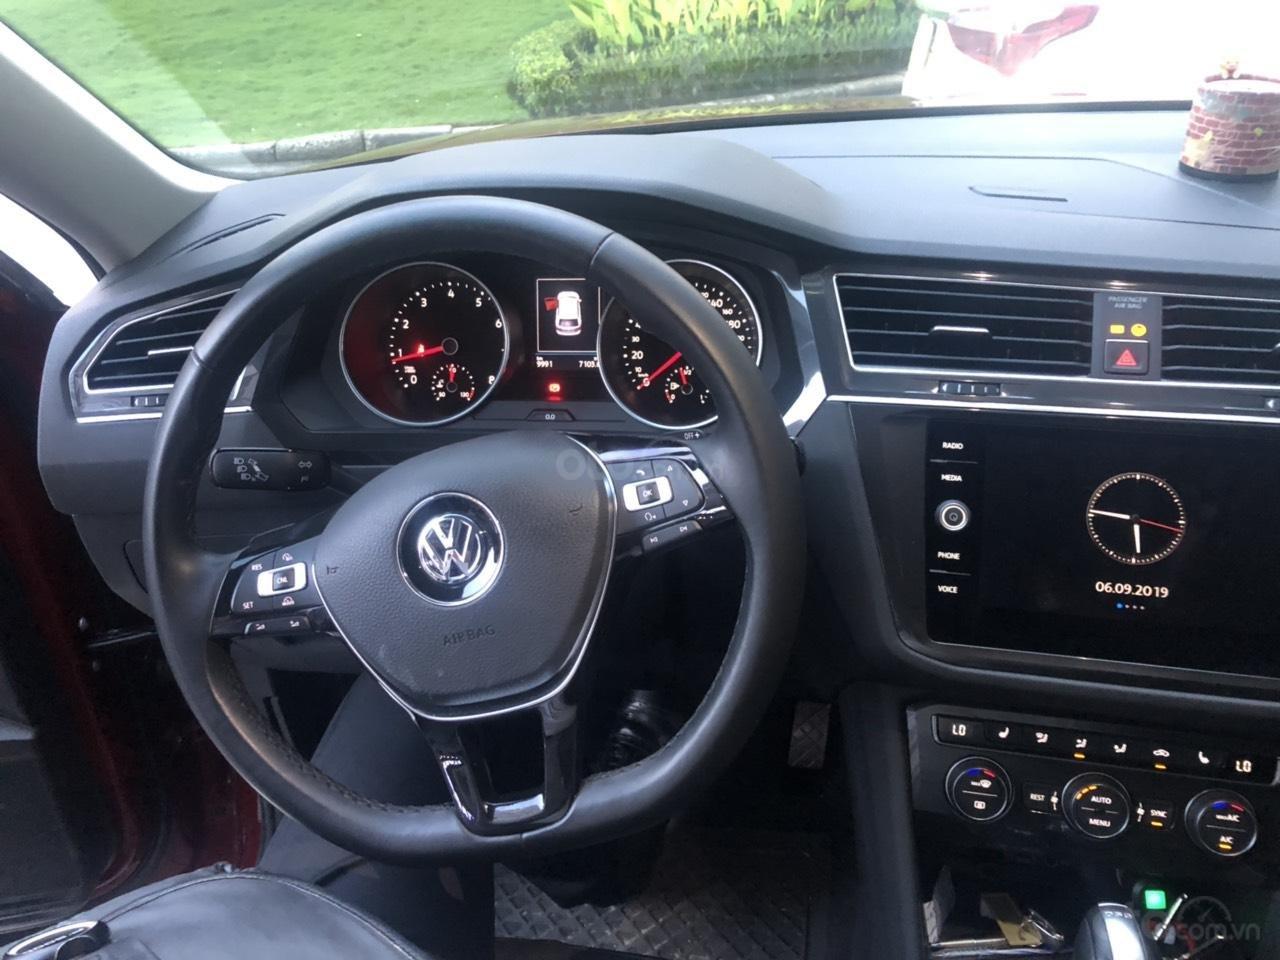 Lên đời bán SUV 7 chỗ VW Tiguan Highline đỏ rượu vang, đăng ký 2019, đi mới 15.000km (6)